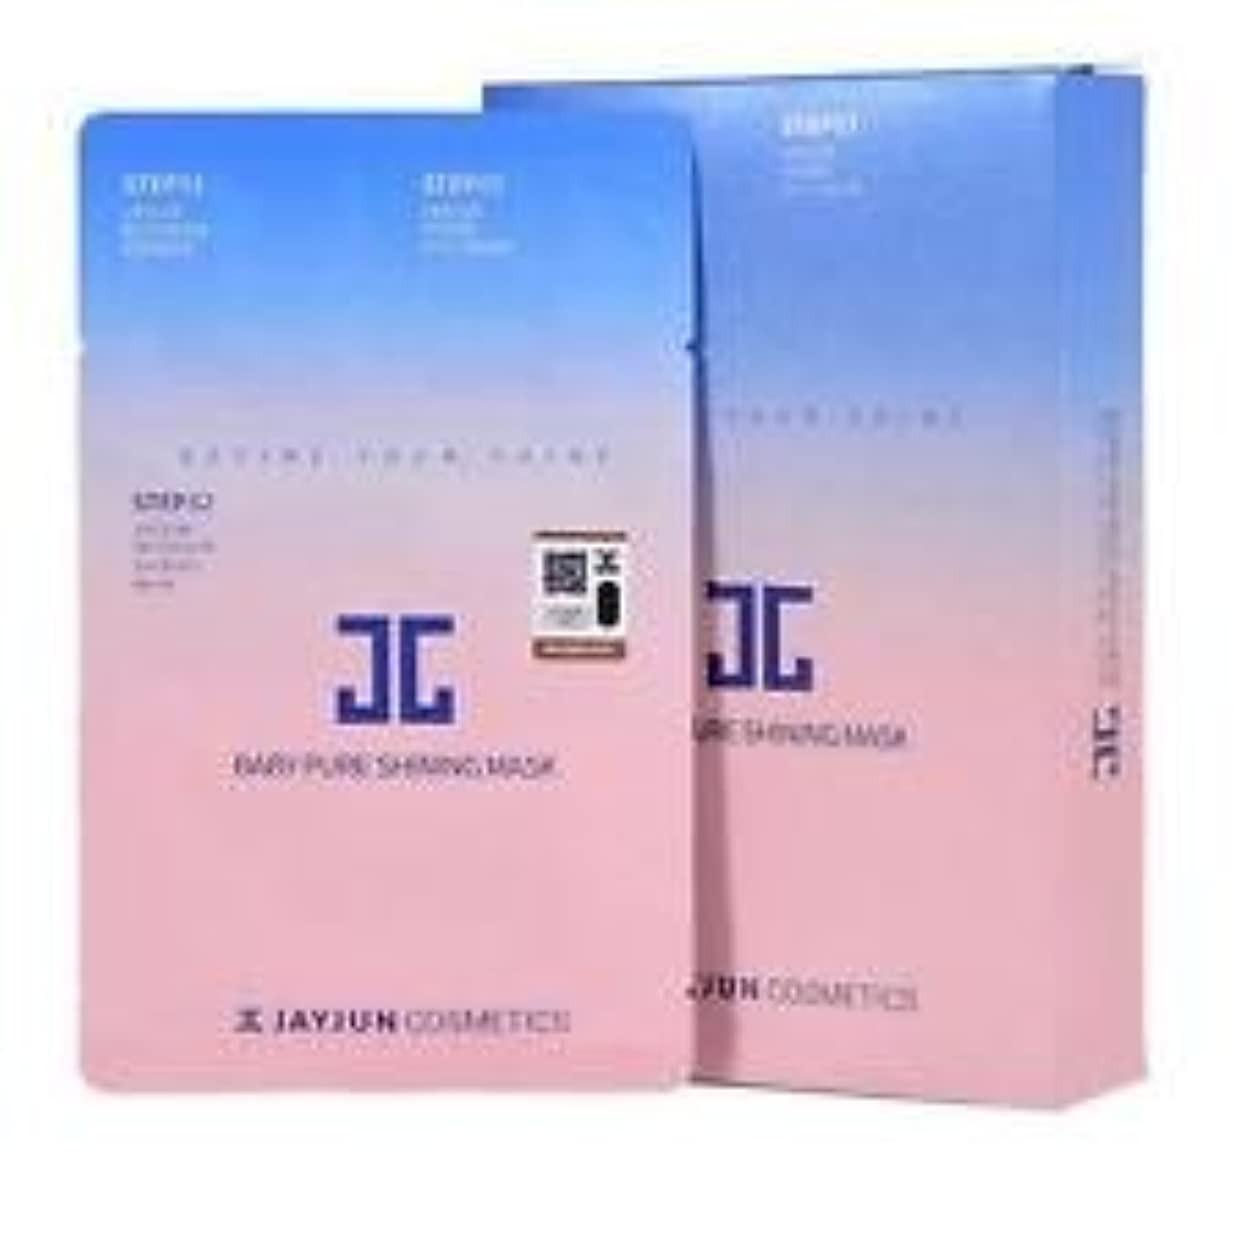 JAYJUN Baby Pure Shining Mask Pack 10Sheetジェジュンベビーピュアシャイニングマスクパック10枚 [並行輸入品]